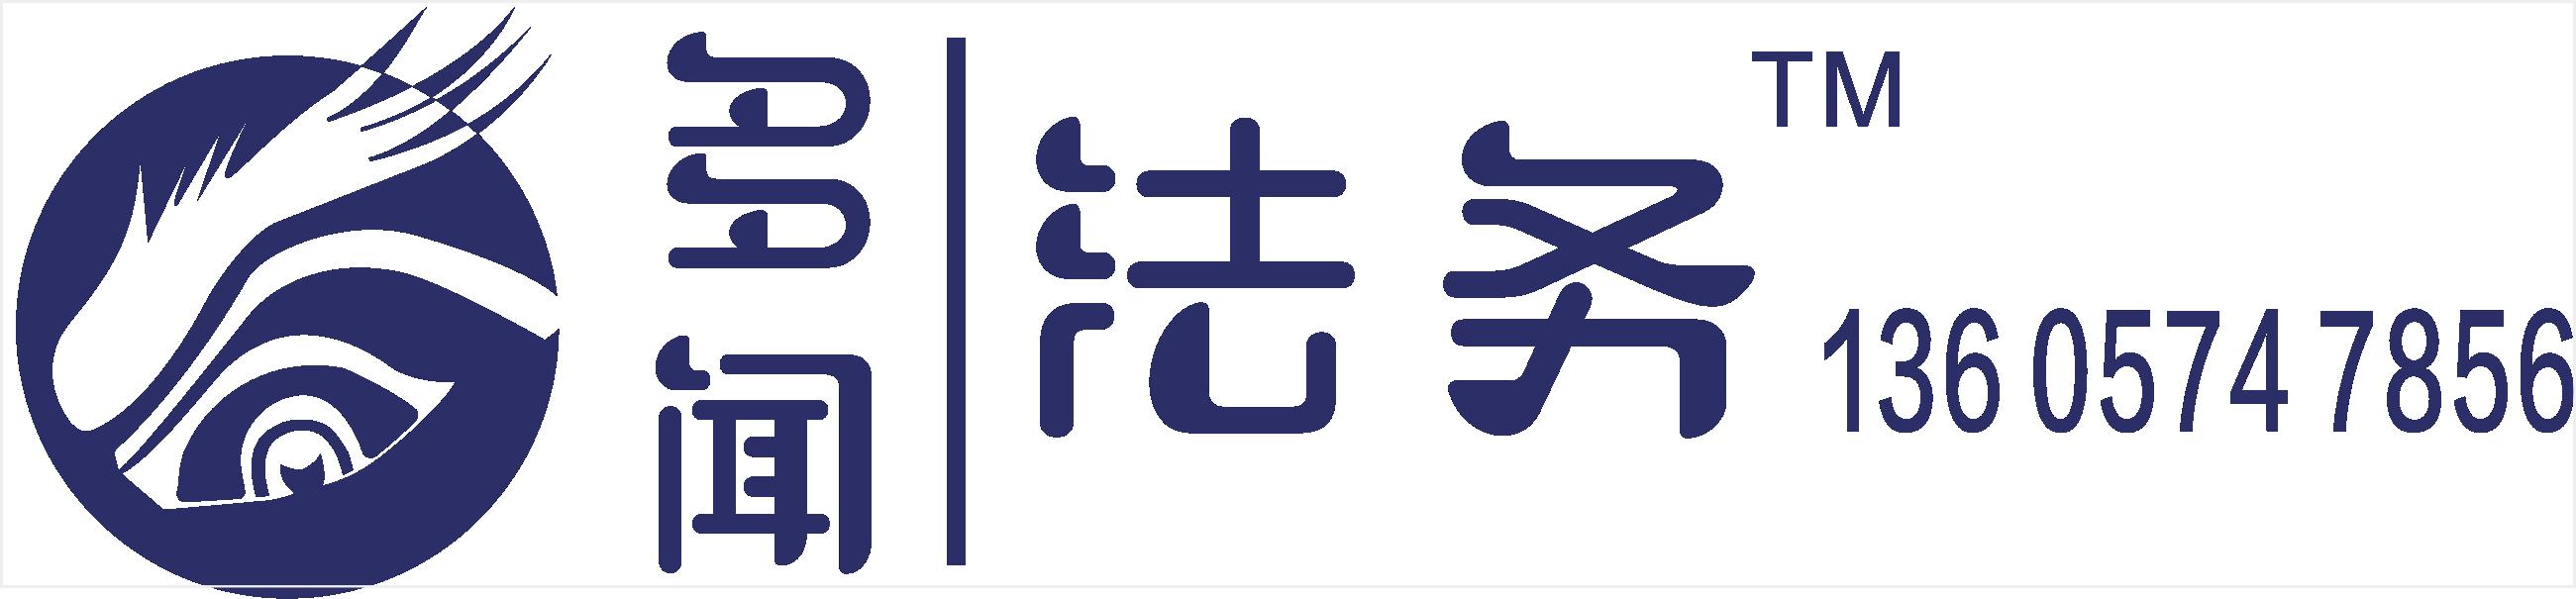 宁波合同律师|宁波婚姻家事律师|宁波刑事律师|宁波企业法律顾问